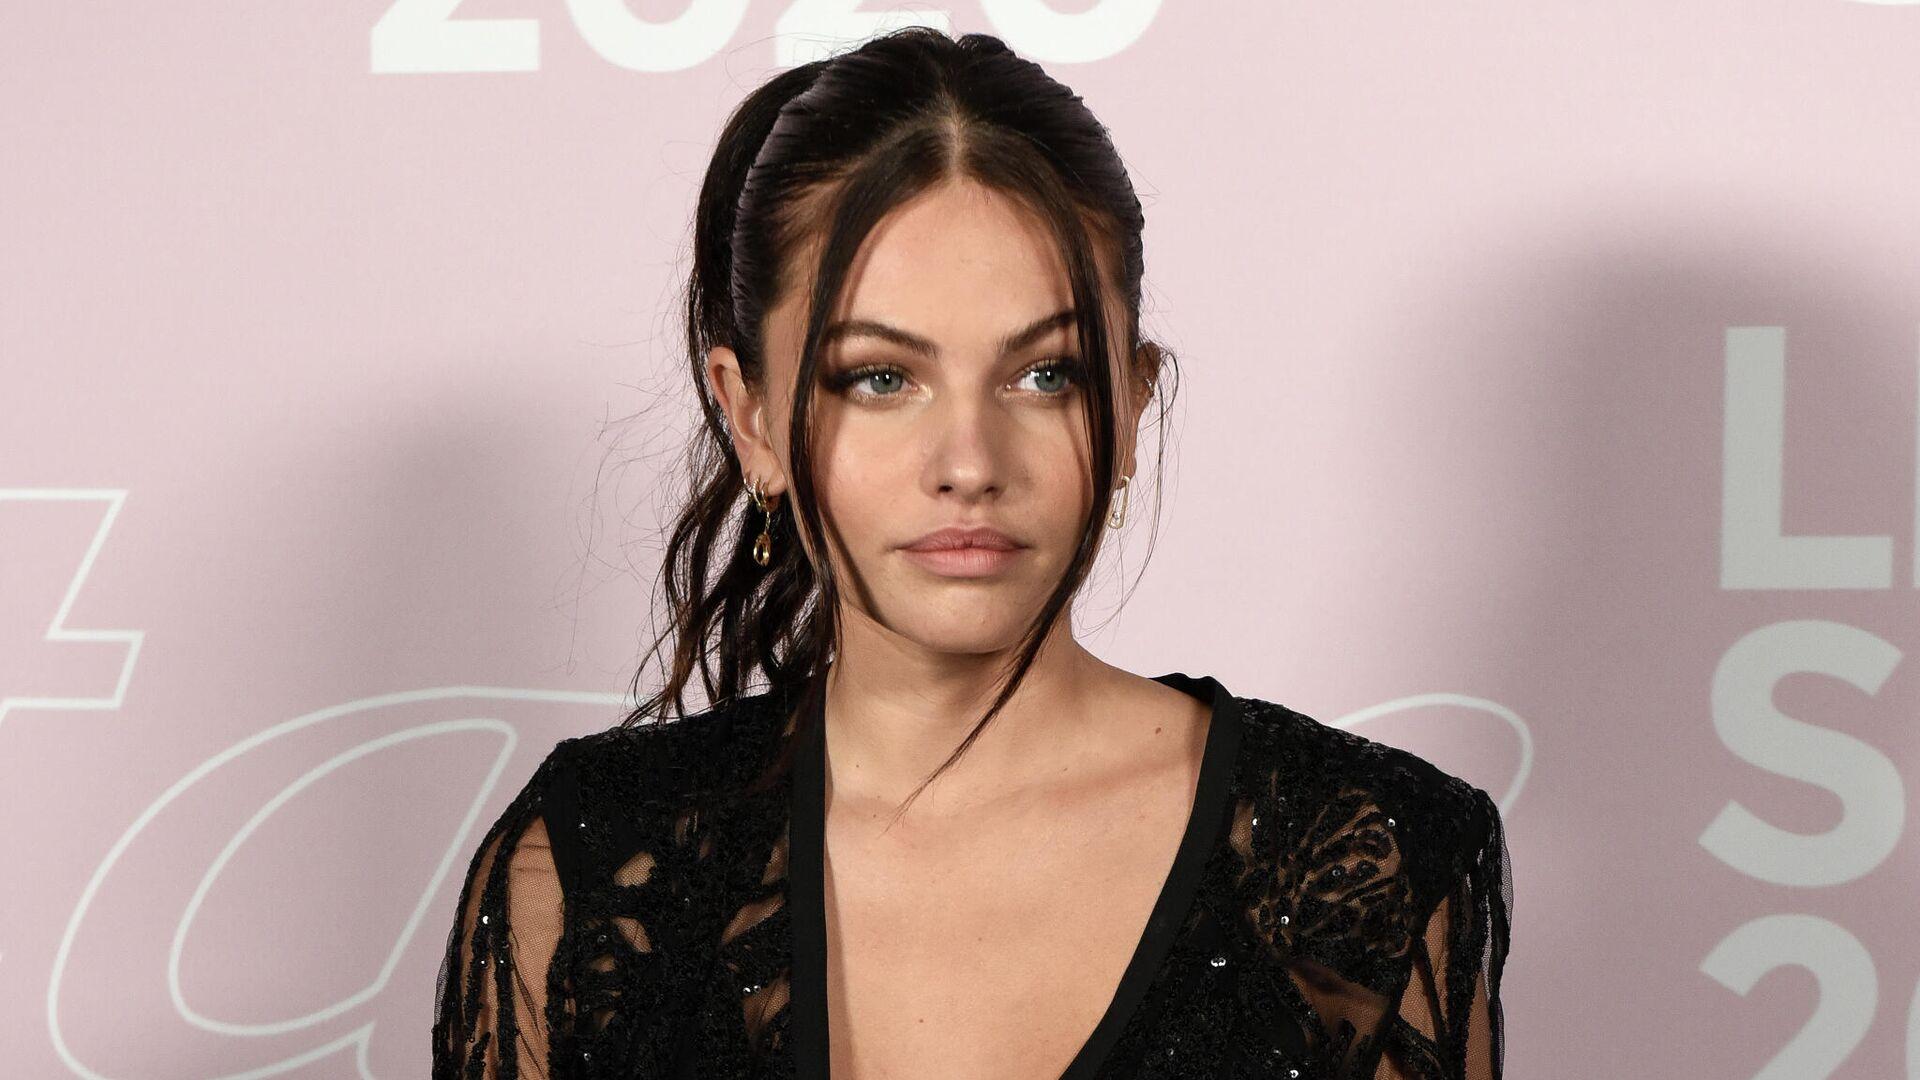 1577990682 0:229:2048:1381 1920x0 80 0 0 590b44adea2f3c00d06c18a83489692b - Самая красивая девушка в мире восхитила публику на модном показе в Париже